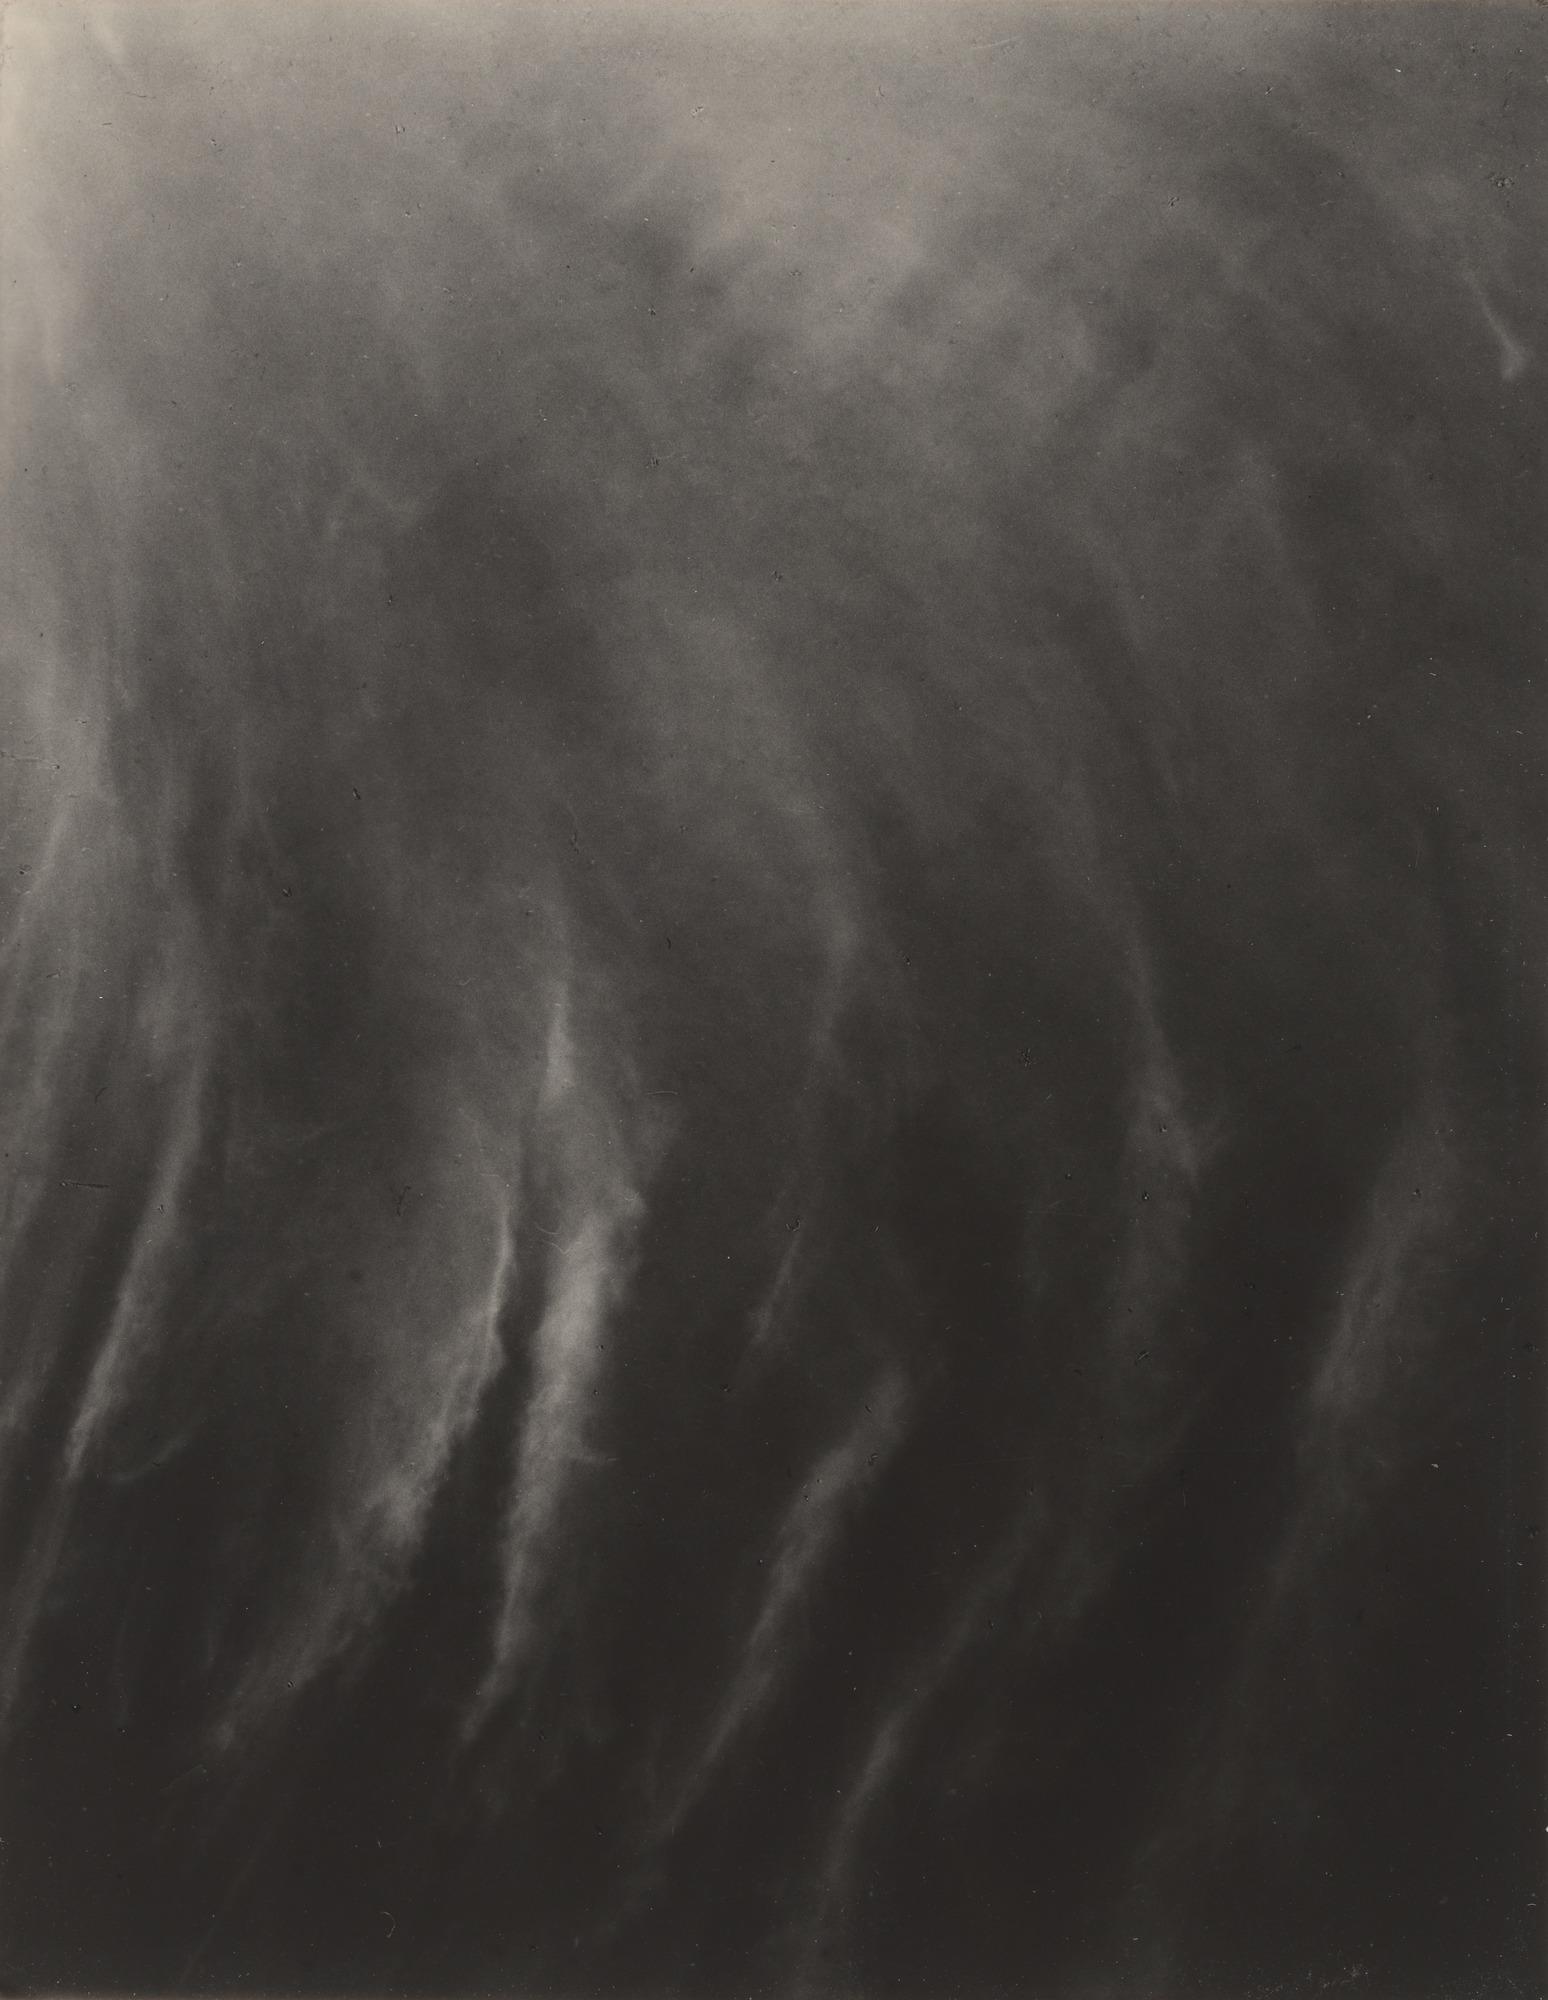 Alfred Stieglitz,  Equivalent  (1925)